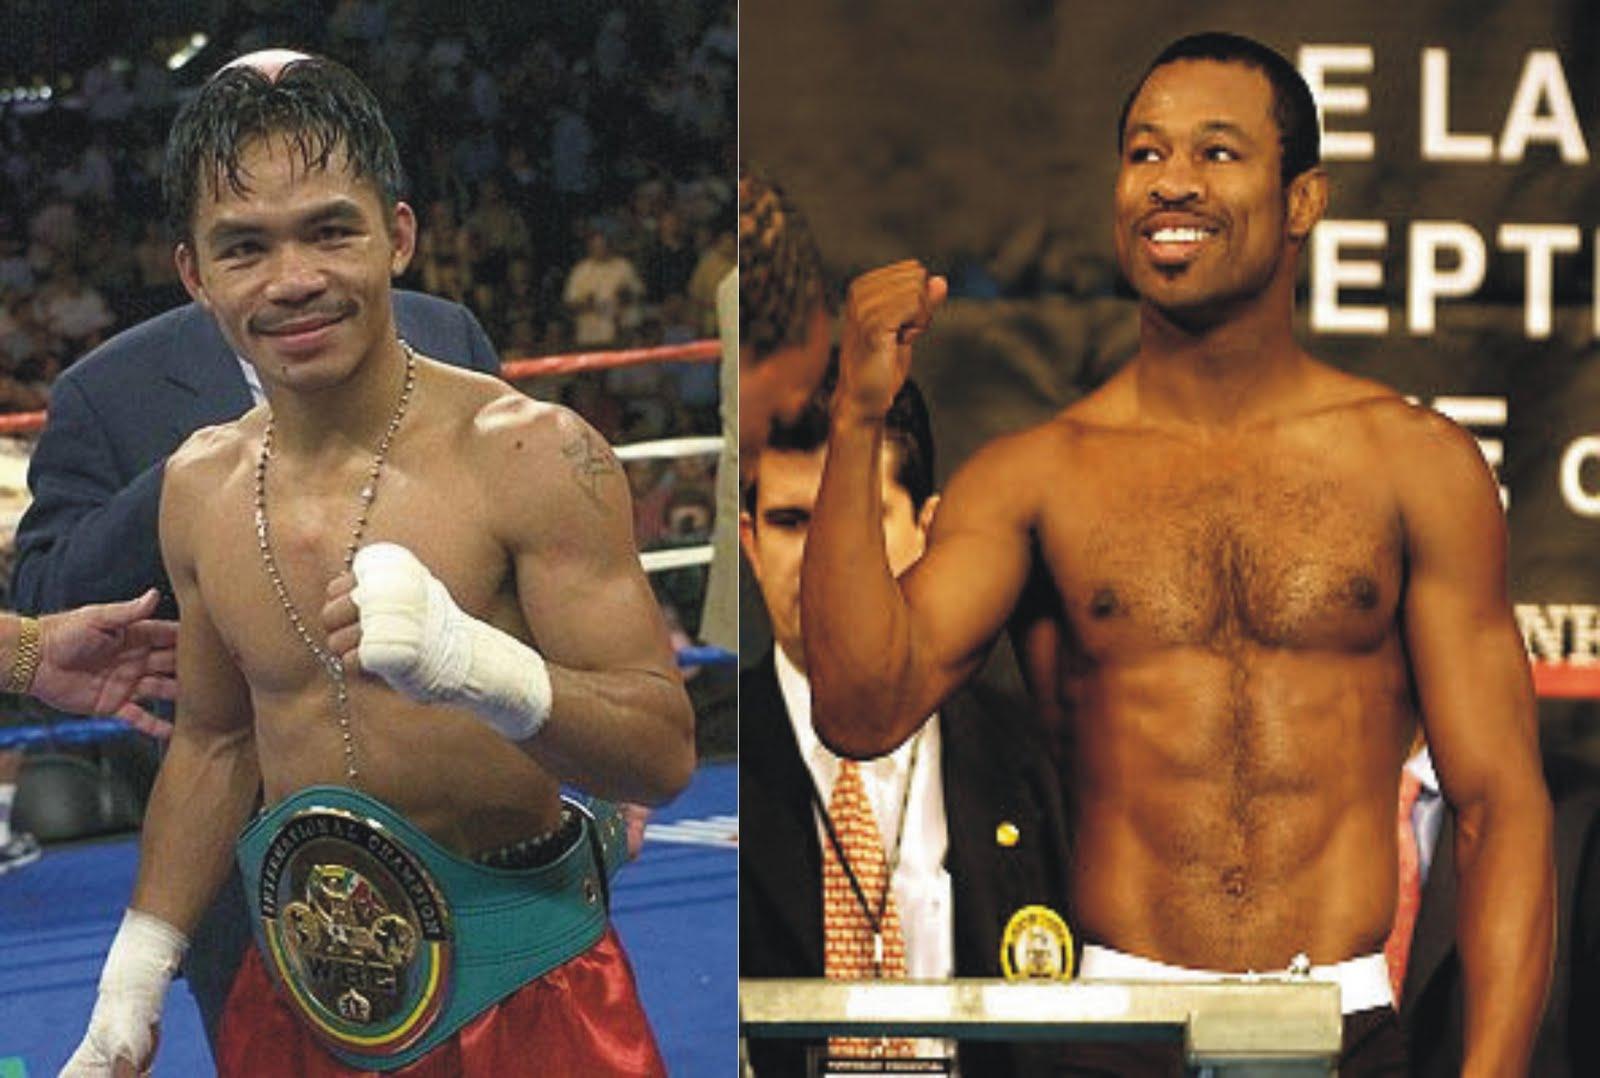 http://1.bp.blogspot.com/-vE75K3AA56E/TcT5kybKffI/AAAAAAAACCw/xmjDwh4i3Gk/s1600/Manny-Pacquiao-vs-Shane-Mosley.jpg